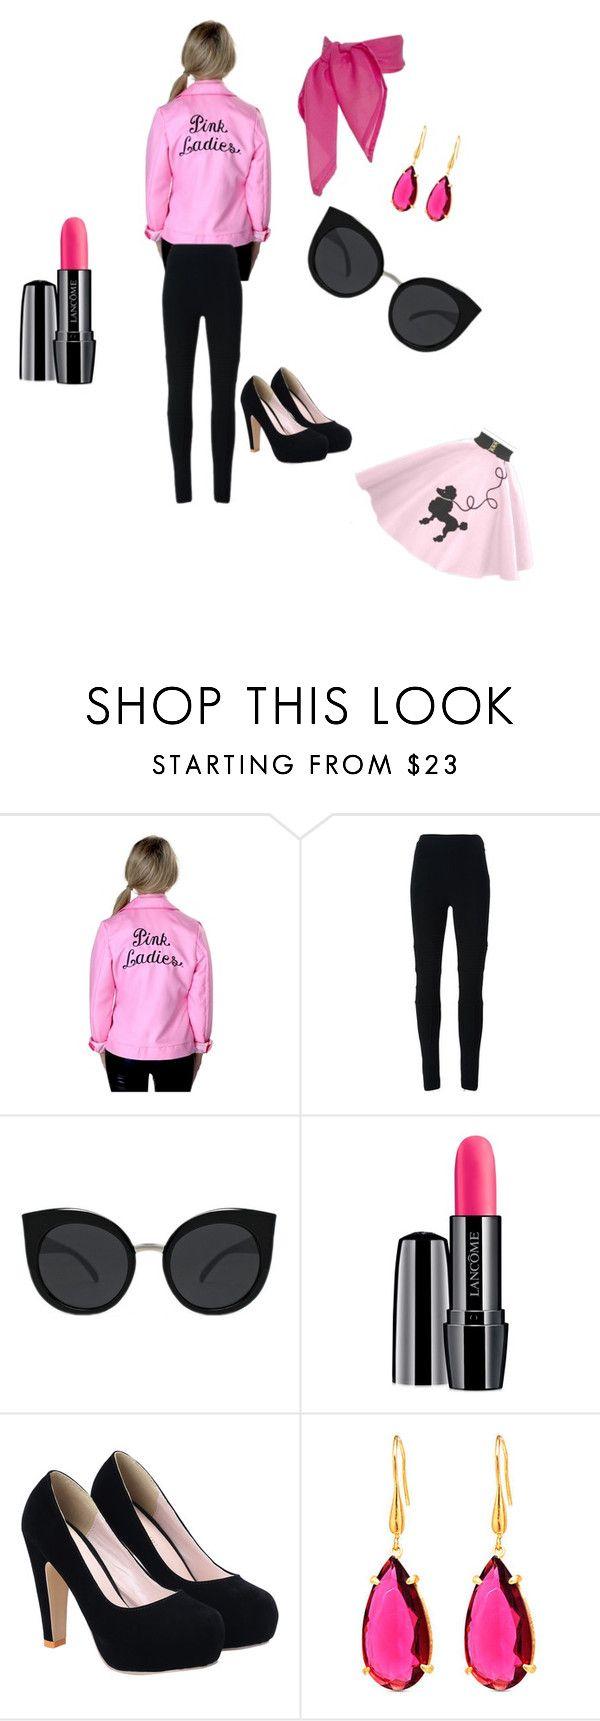 15 mustsee pink ladies grease pins pink ladies pink